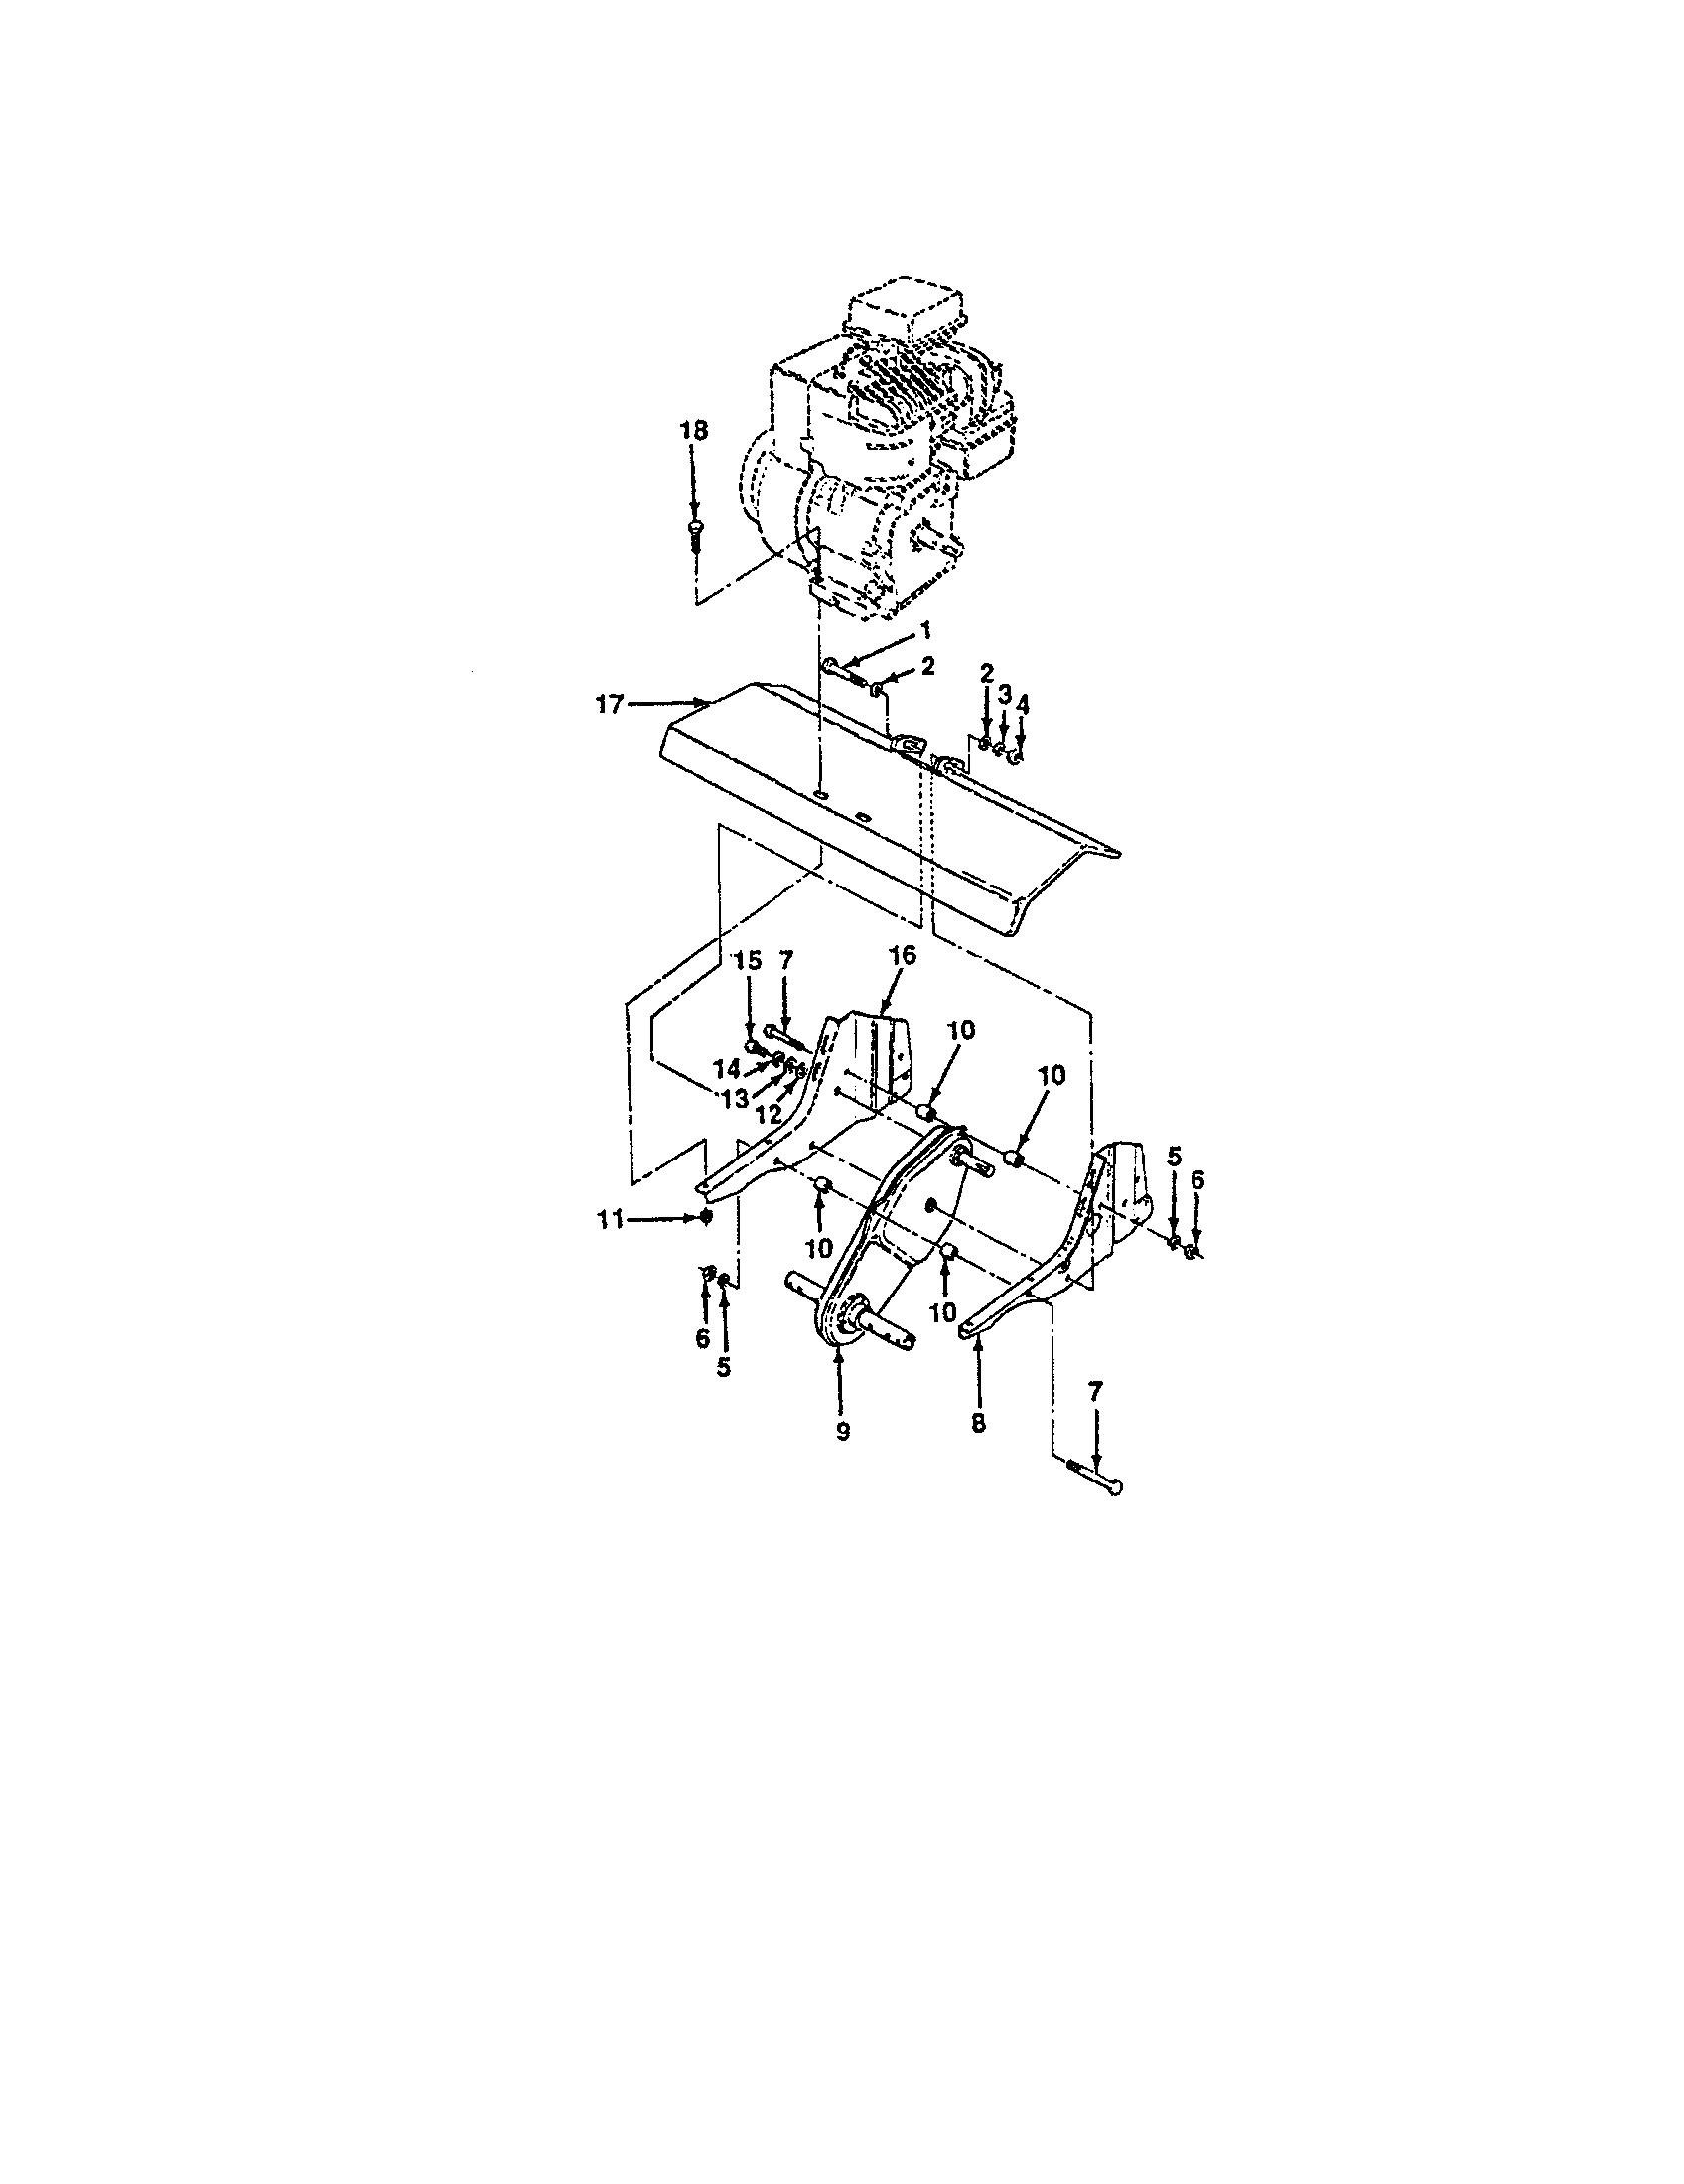 Craftsman model 917298350 front tine, gas tiller genuine parts